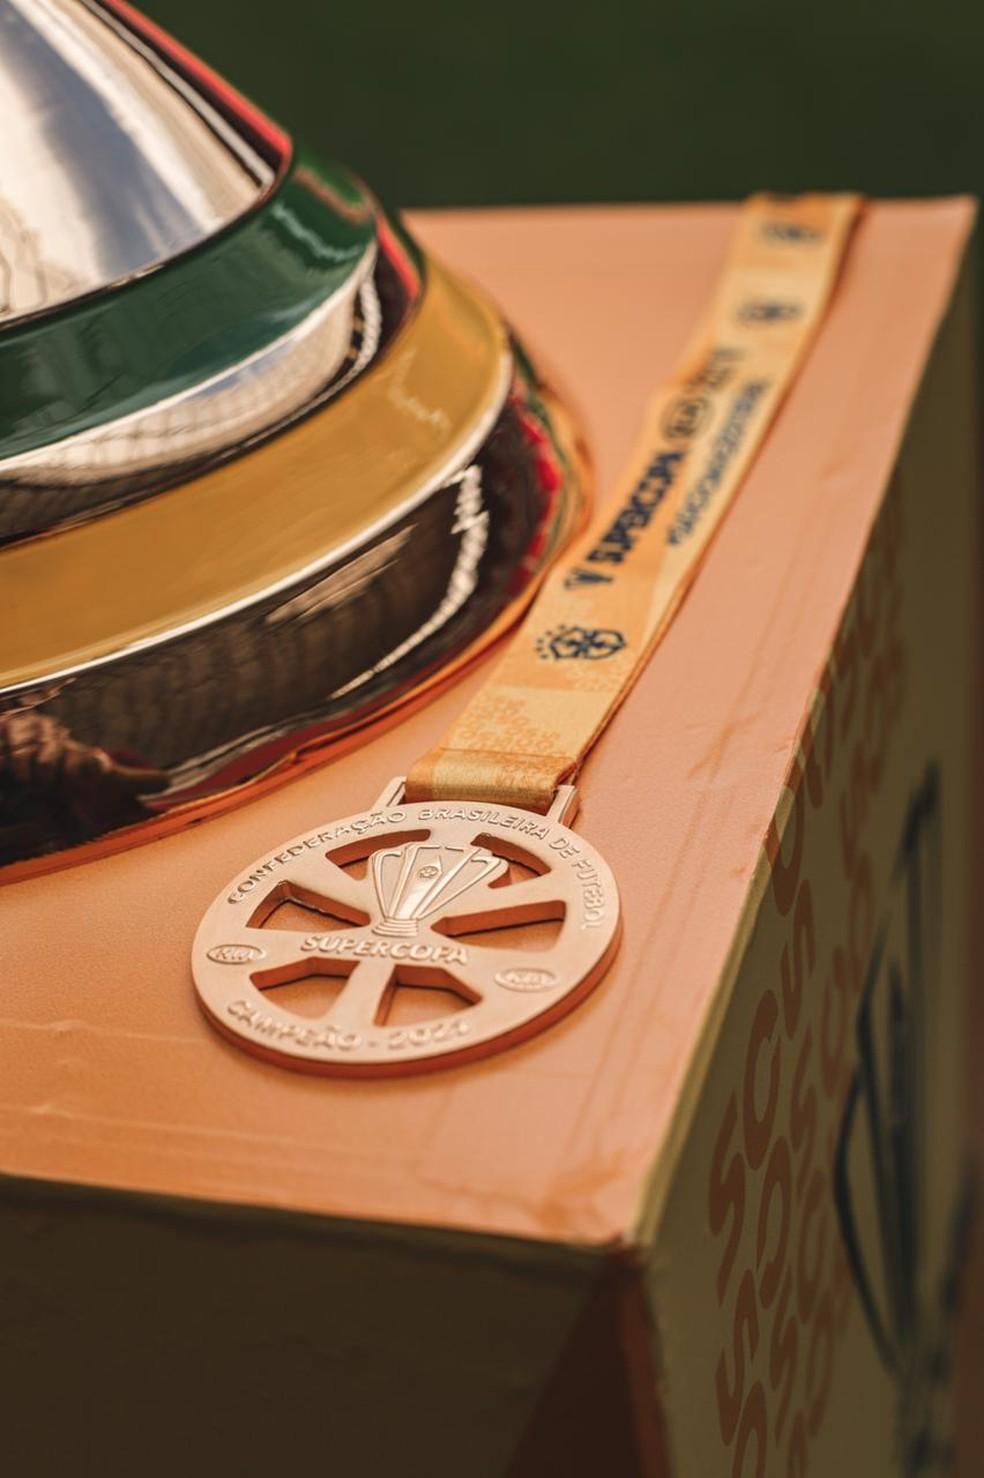 Detalhe da medalha de campeão da Supercopa — Foto: Ricardo Ribeiro